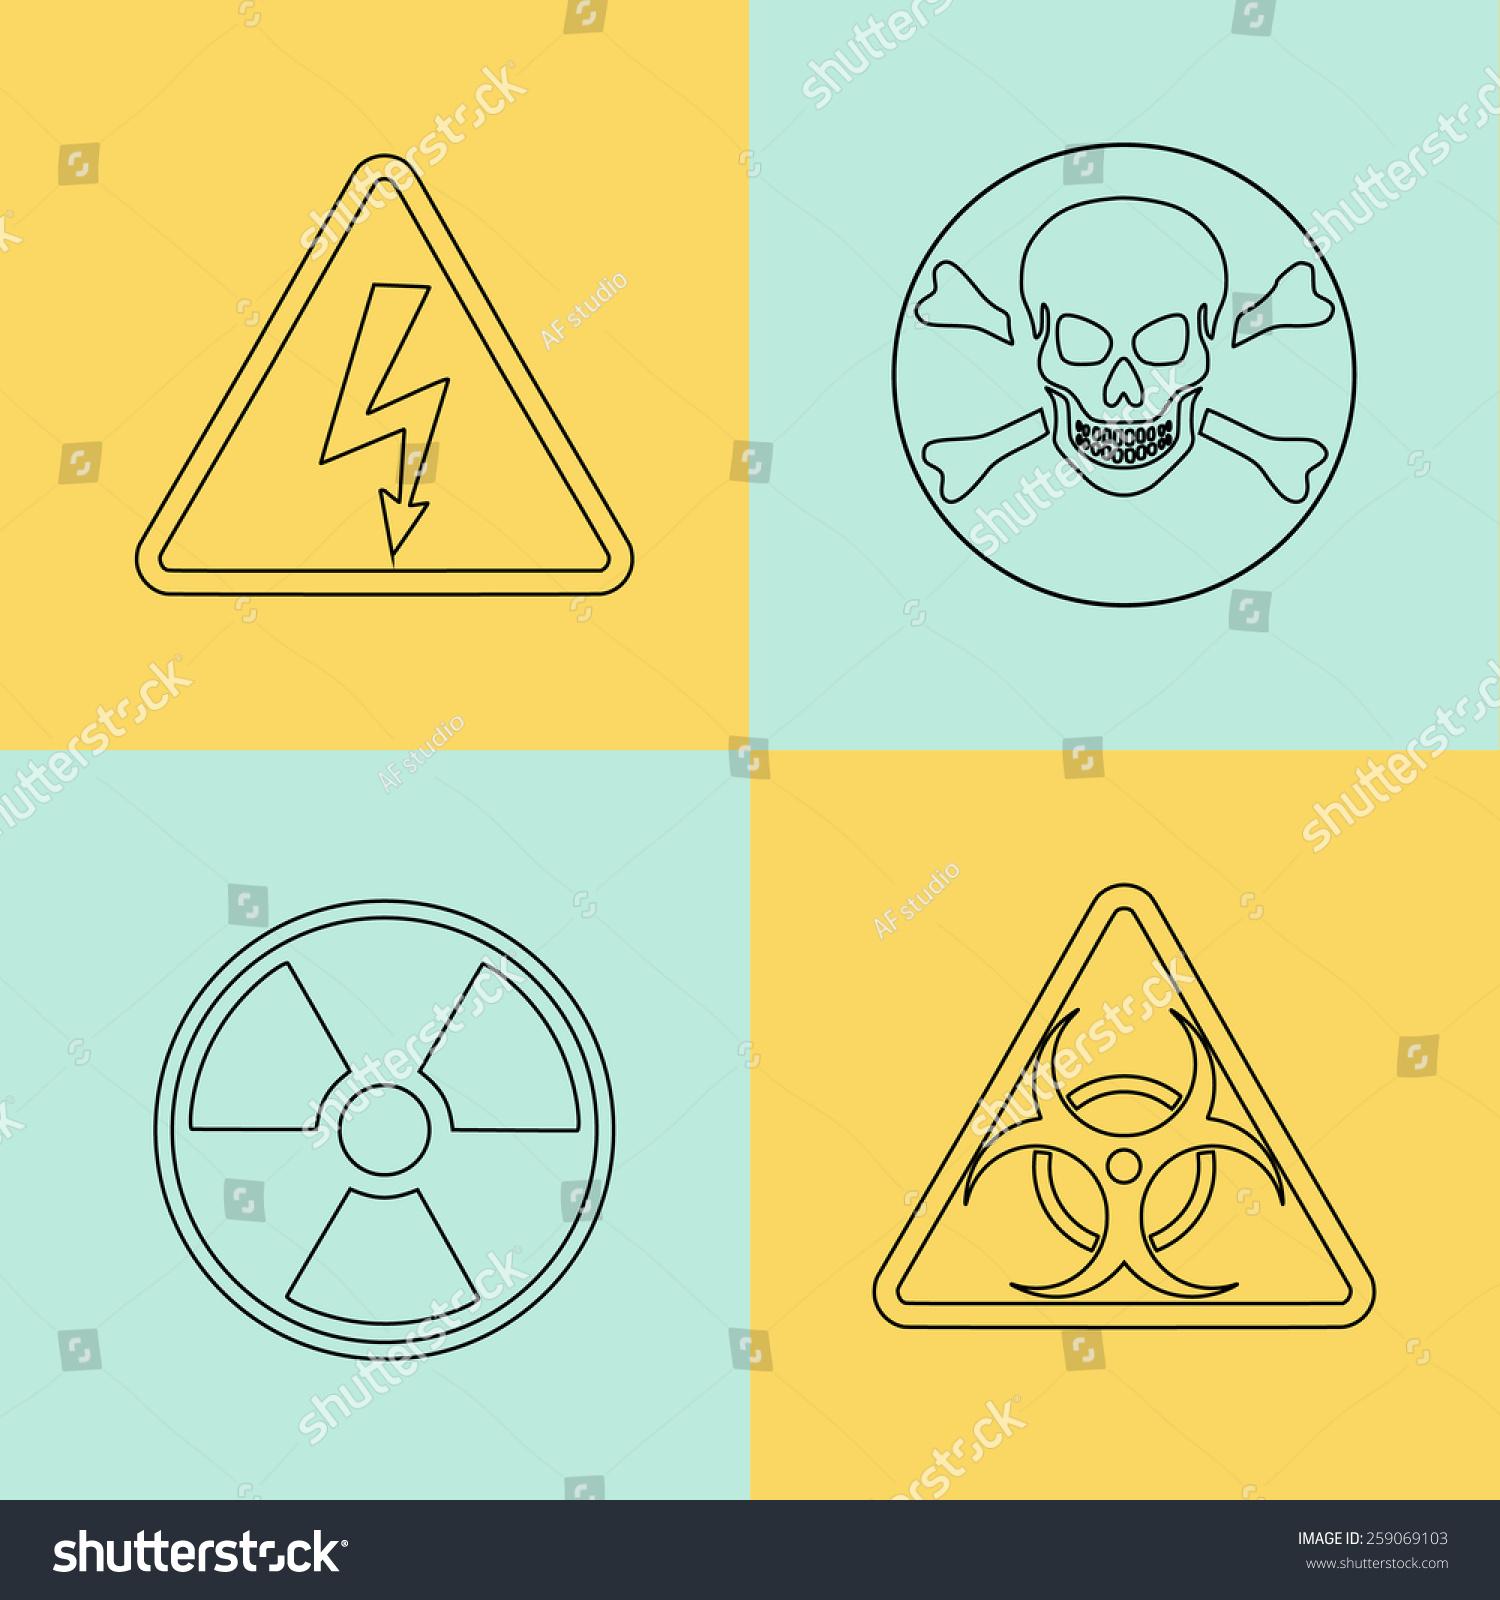 Royalty Free Flat Thin Line Warning Signs Symbols 259069103